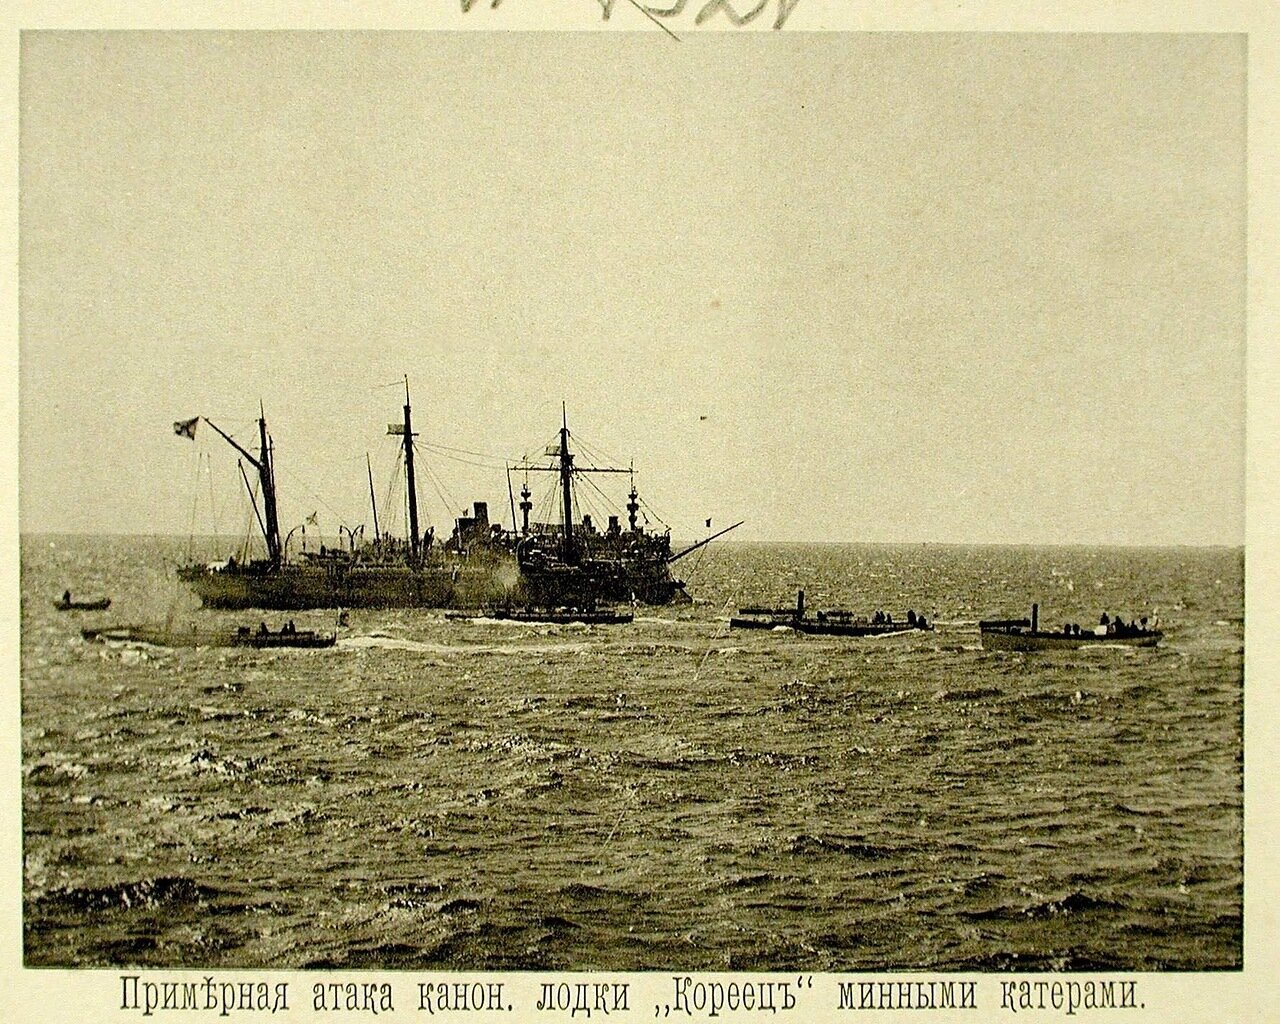 36. Примерная атака канонерской лодки Кореец минными катерами во время учений соединенной эскадры. Май 1895